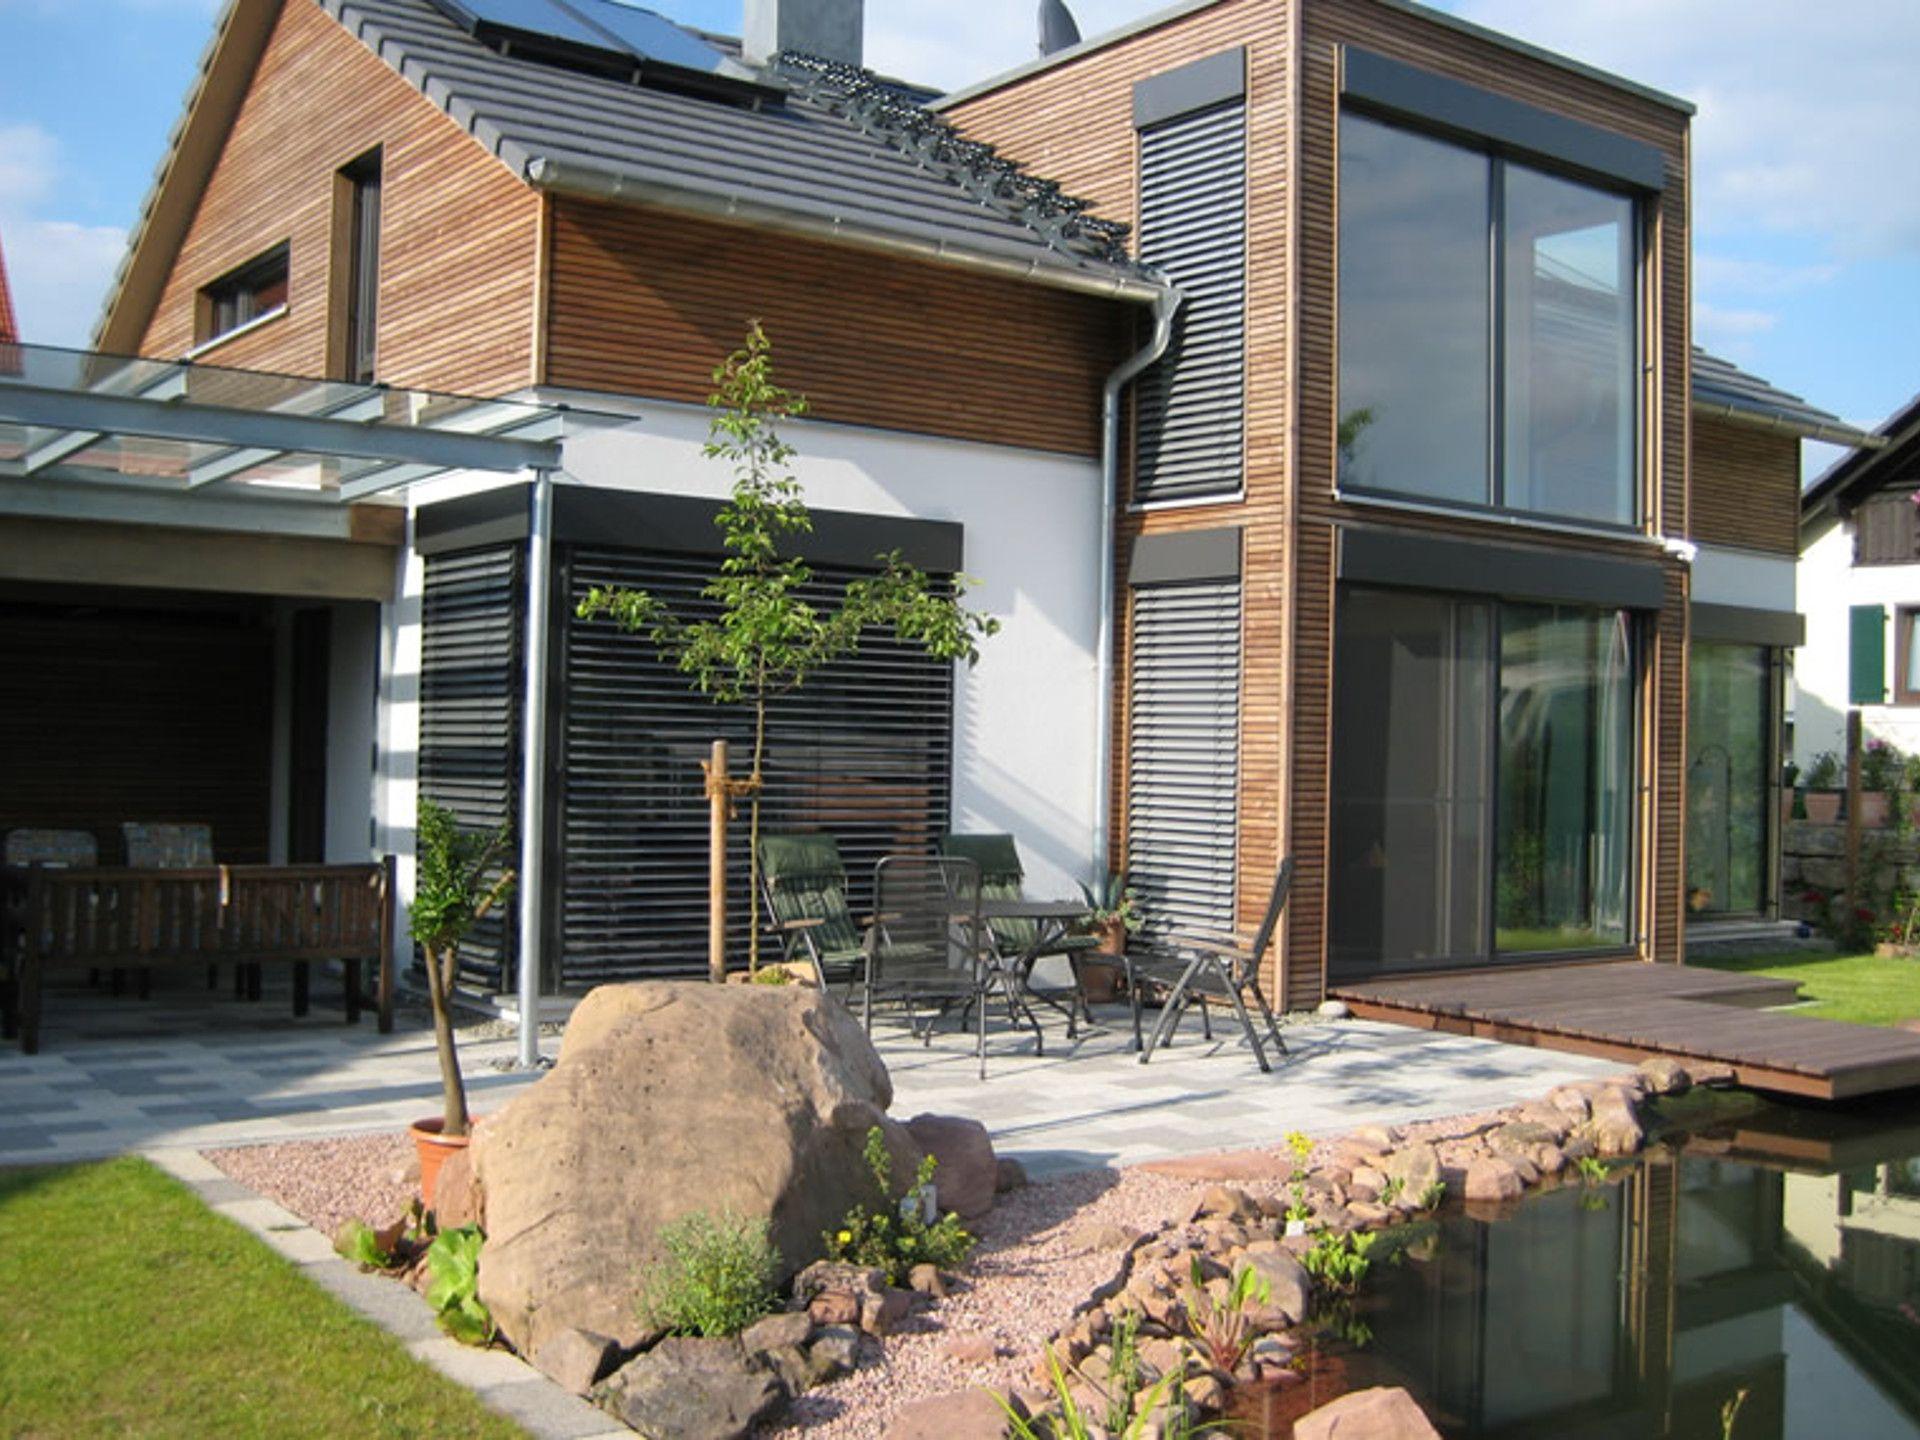 haus sandweg fertighaus von holzhaus rosskopf modernes energiesparhaus mit grozgiger verglasung und schnem galeriebereich - Fertighausplne